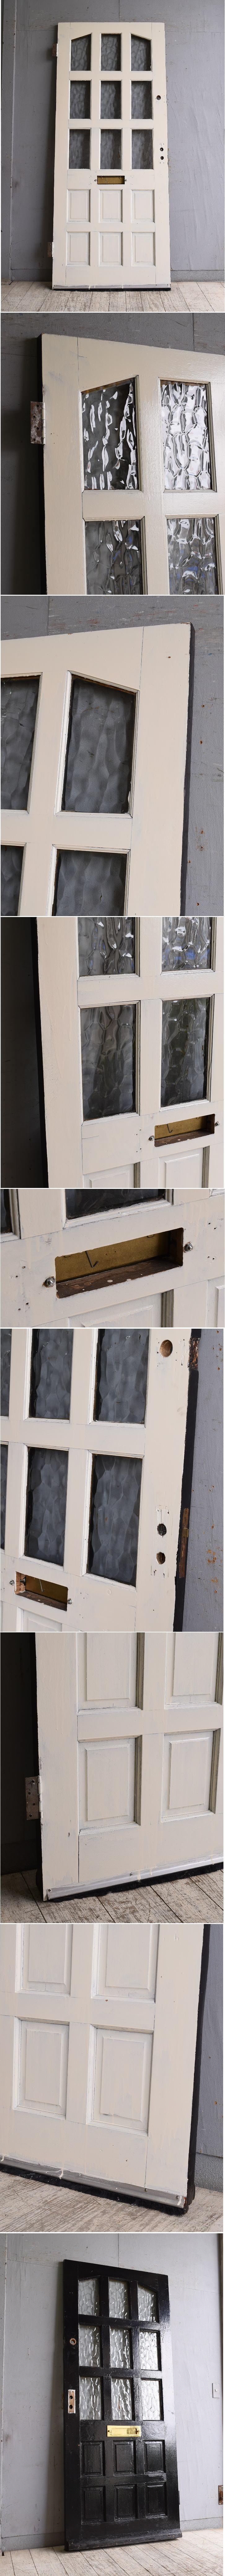 イギリス アンティーク ドア 扉 建具 10074